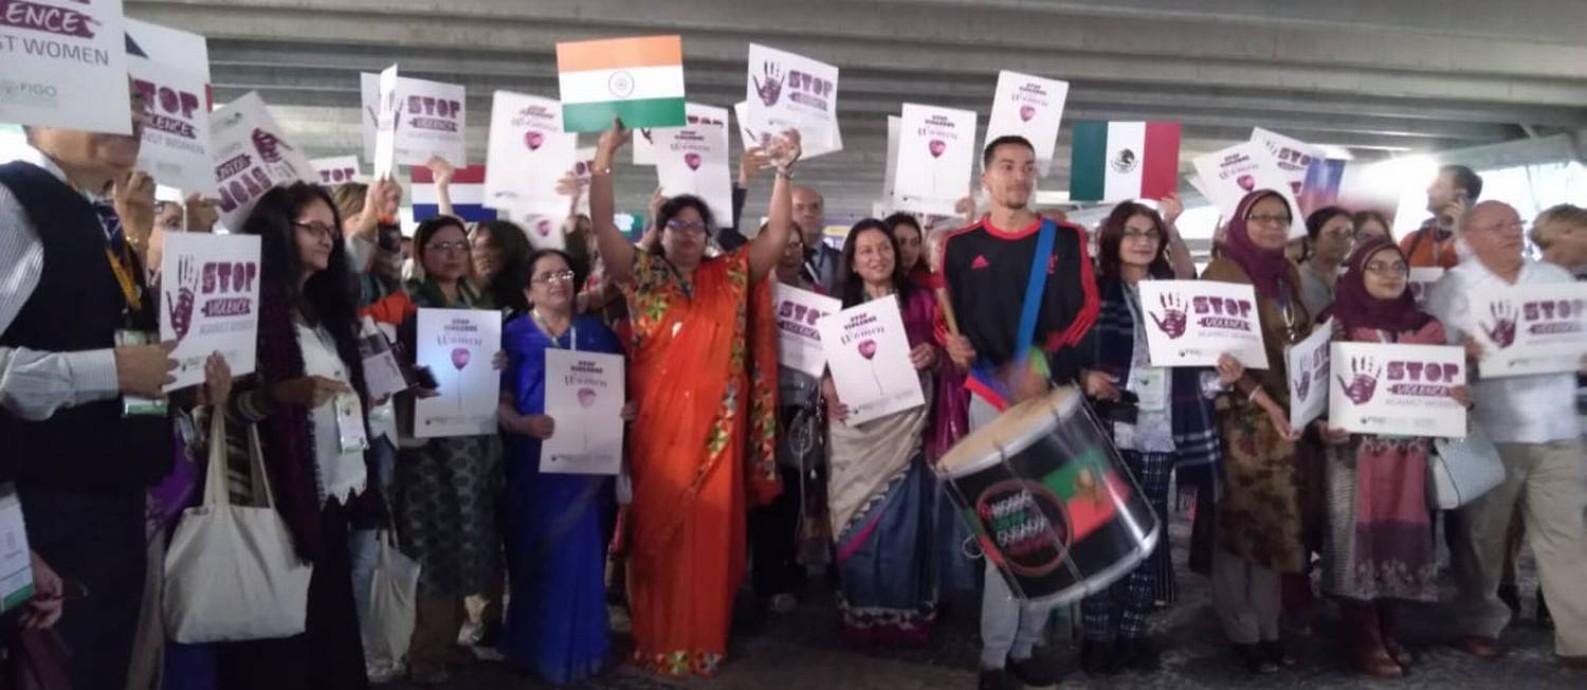 Médicos protestam com cartazes que destacam a necessidade do fim da violência contra a mulher Foto: Divulgação?FIGO